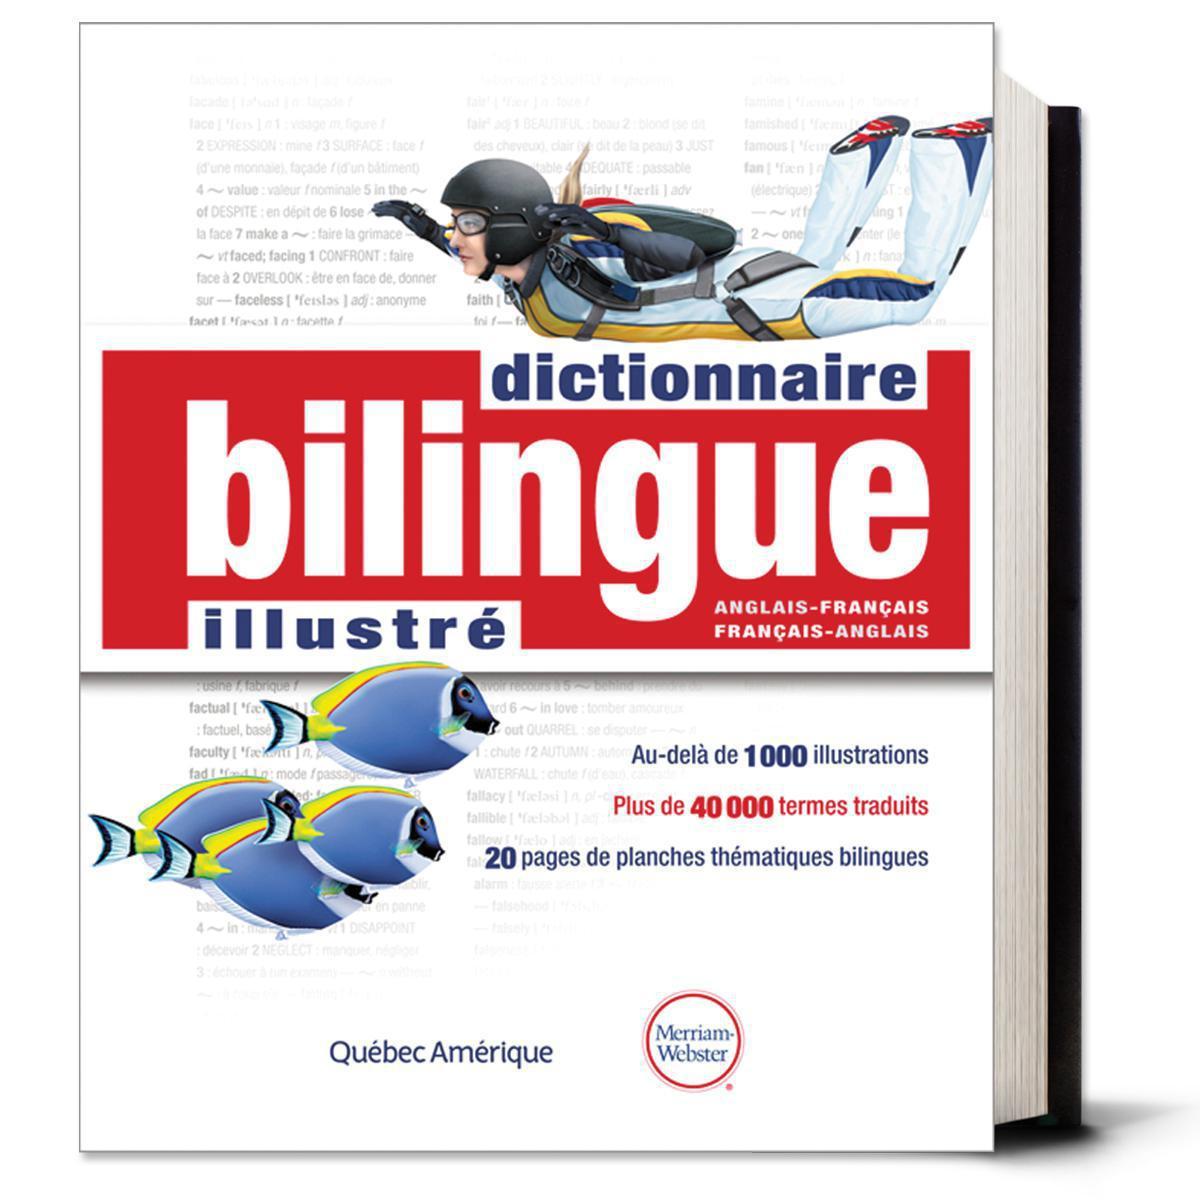 Dictionnaire bilingue illustré Anglais-français/Français-anglais